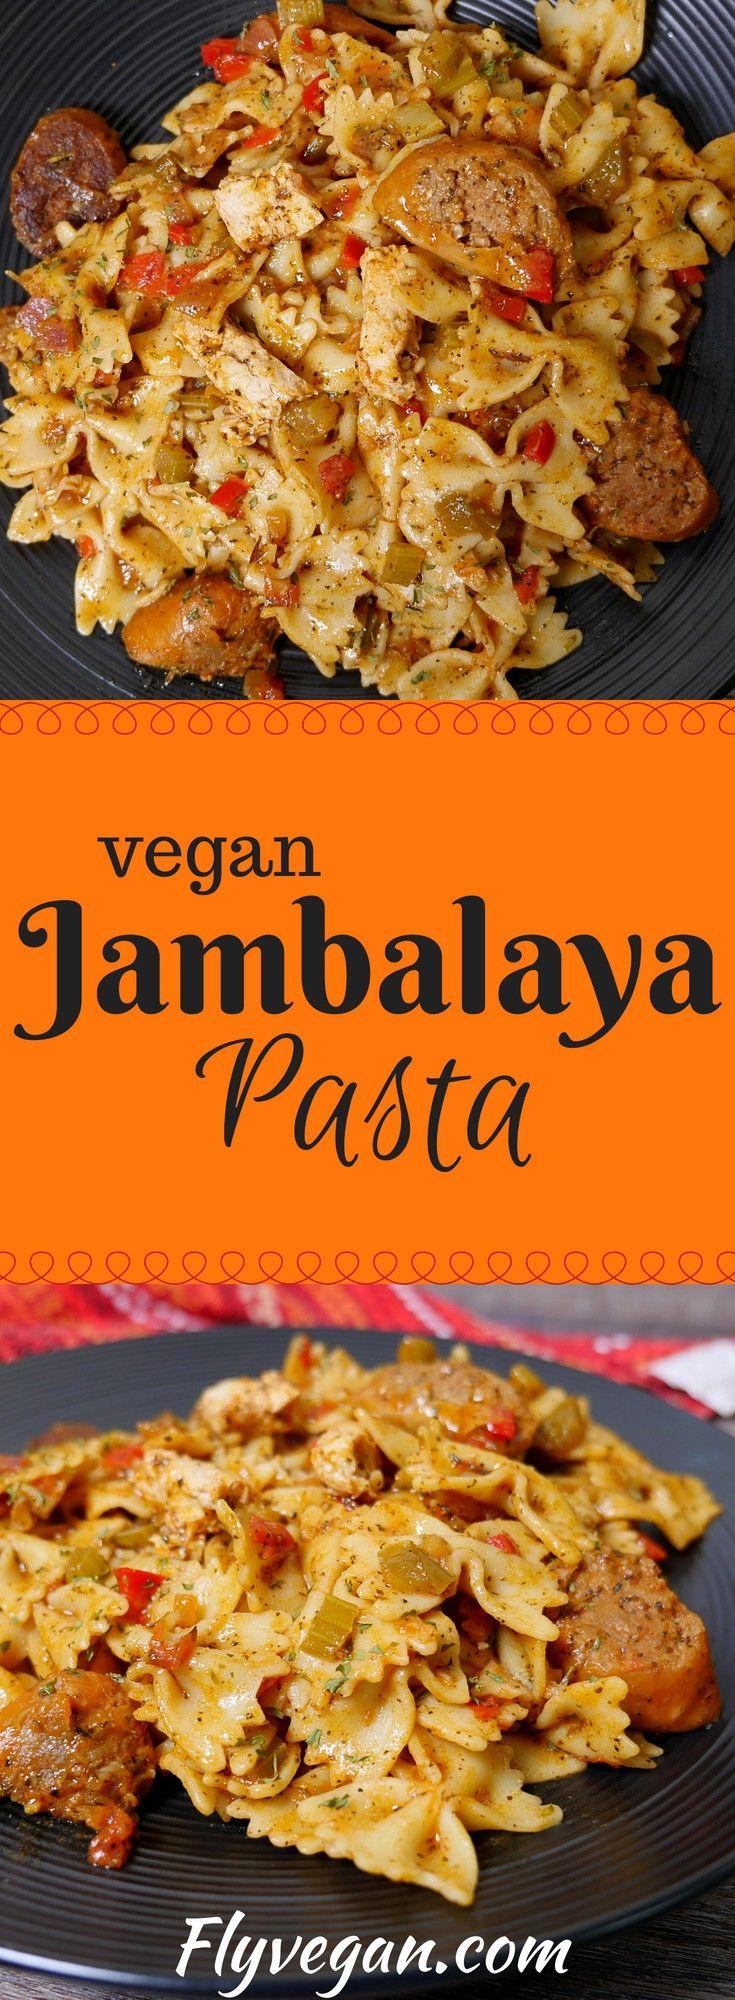 Cajun Pasta Recipe Pastalaya Vegan Jambalaya Made With